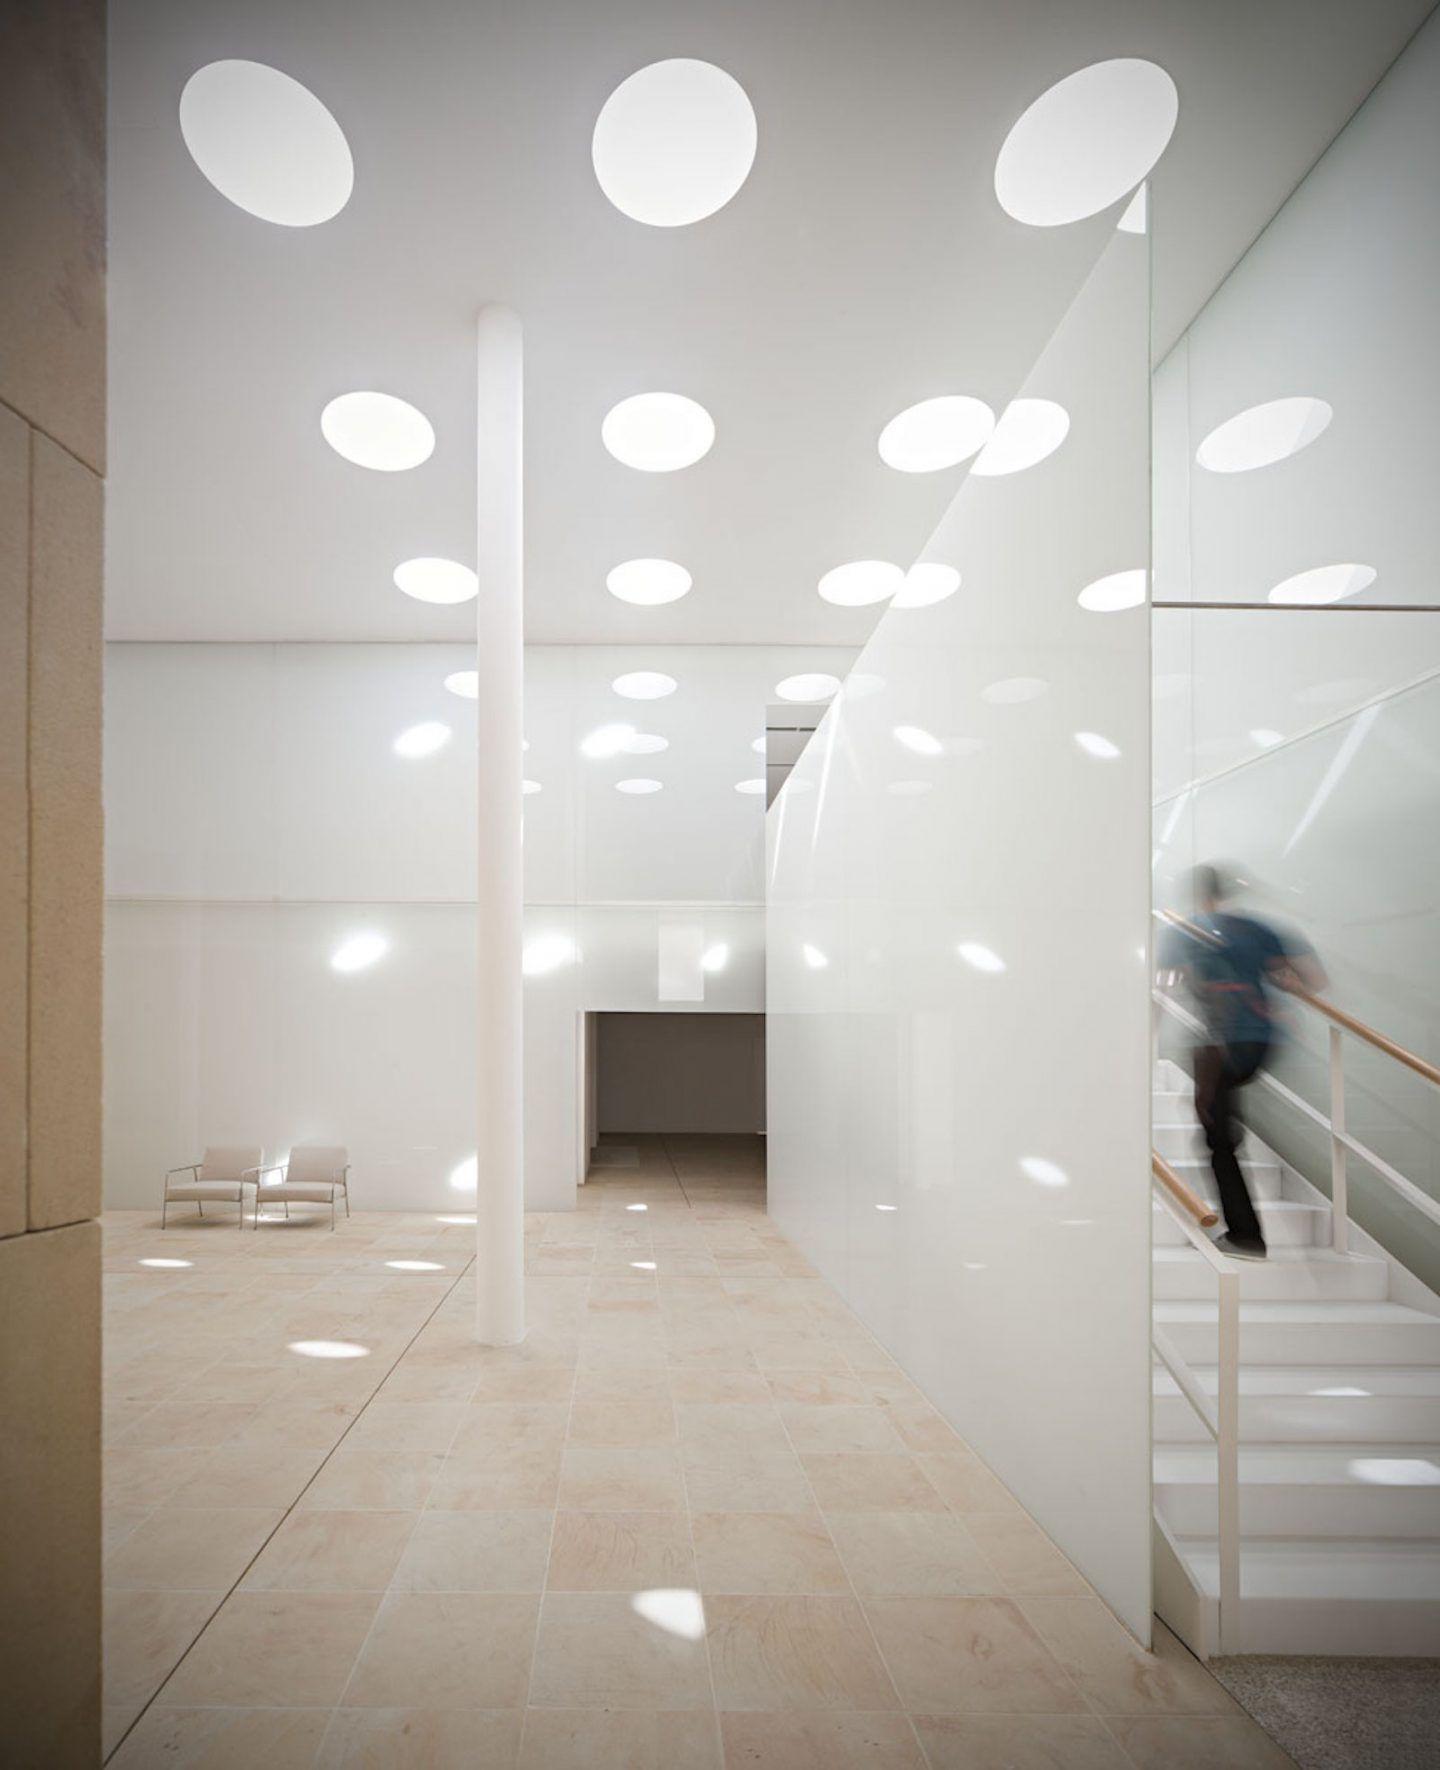 IGNANT-Architecture-Alberto-Campo-Baeza-Zamora-Offices 13